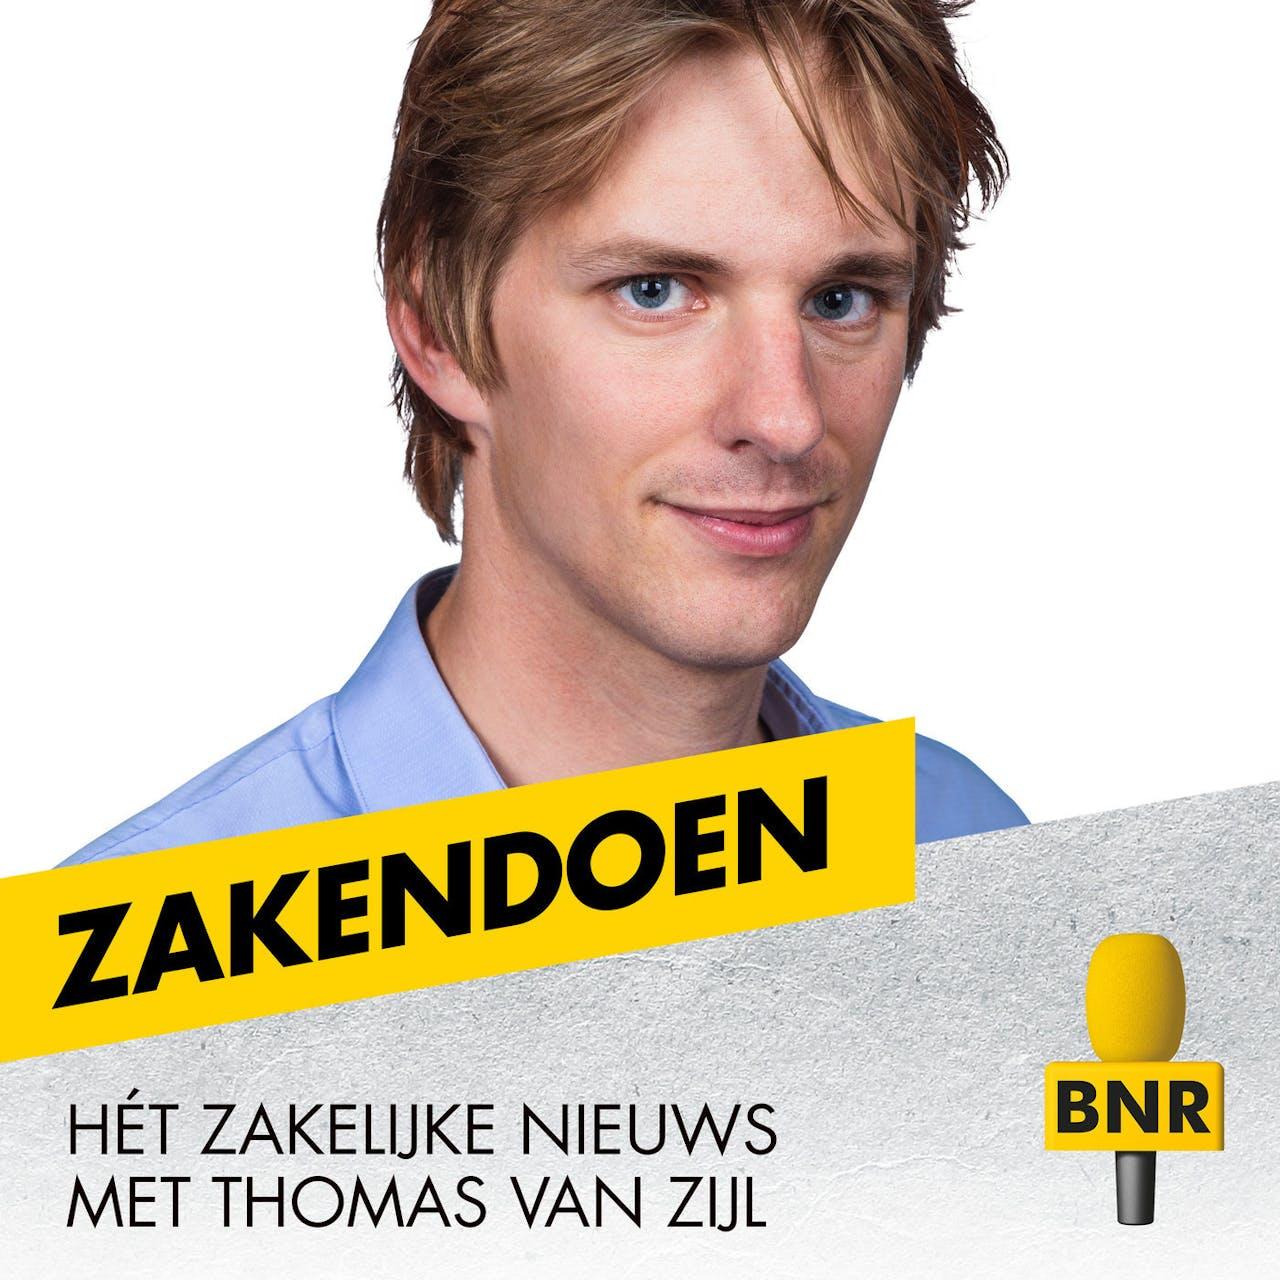 BNR radio vormgeving voor de losse programma's Zakendoen